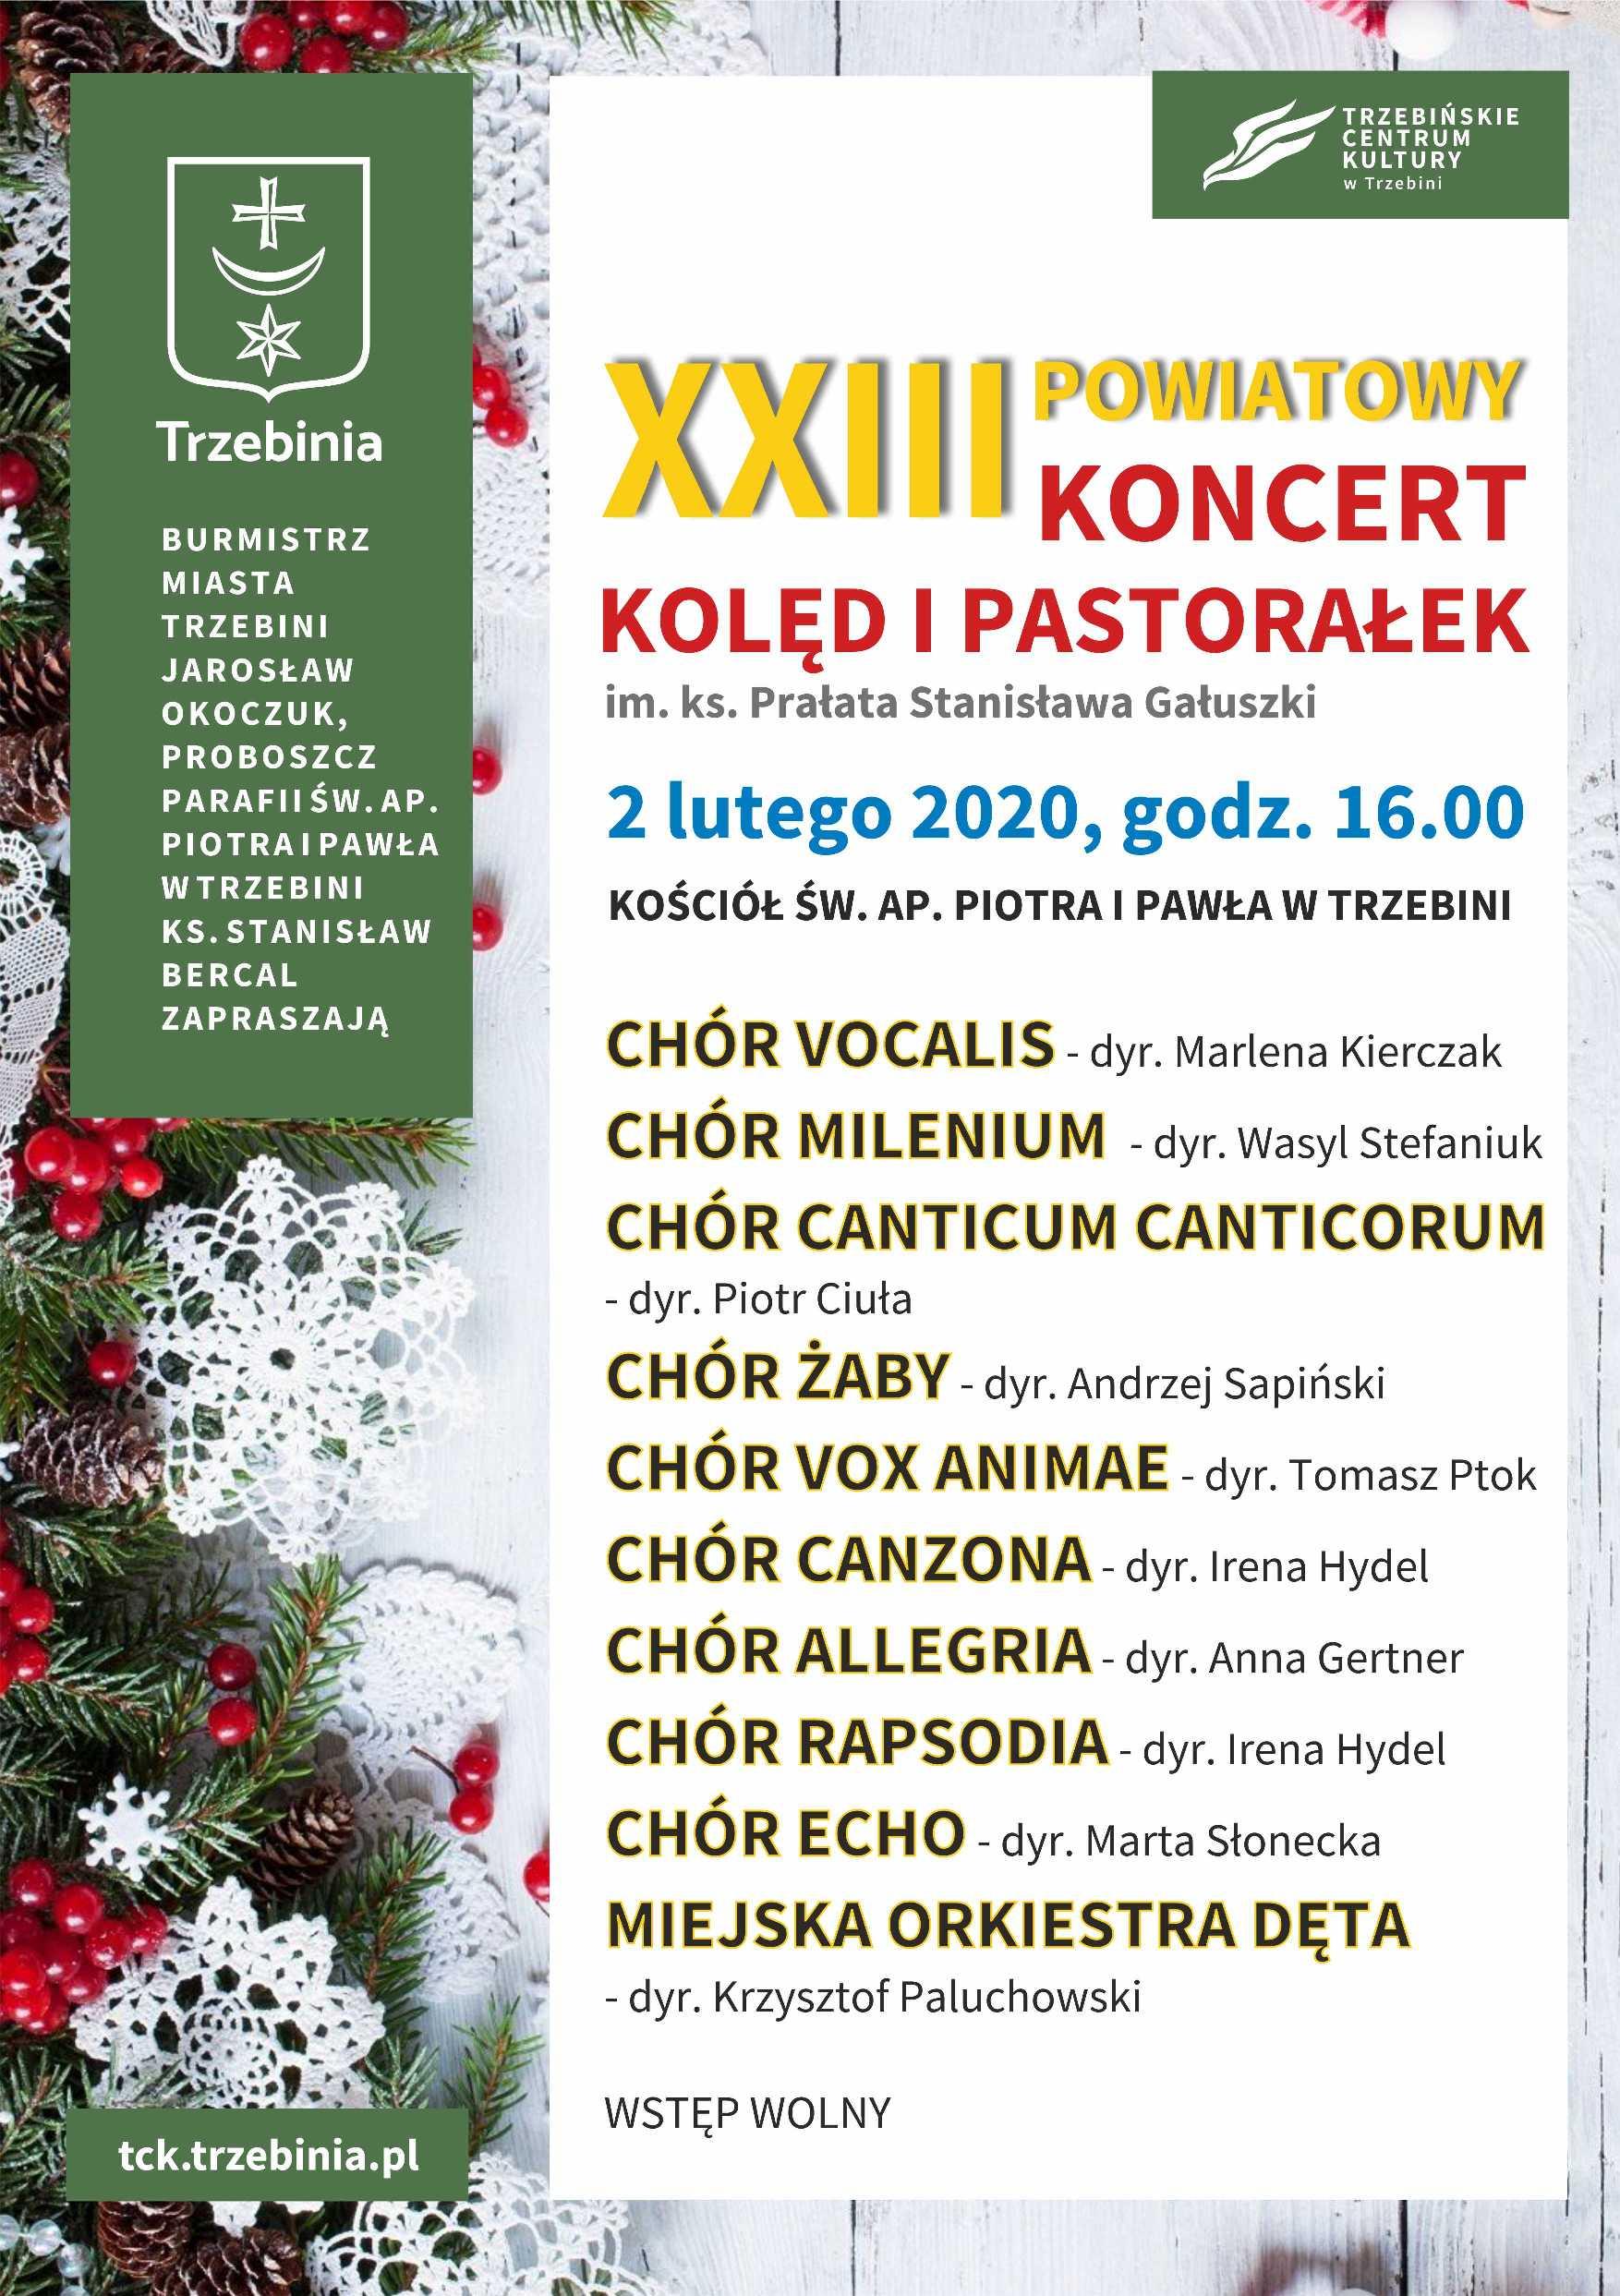 XXIII Powiatowy Koncert i Pastorałek